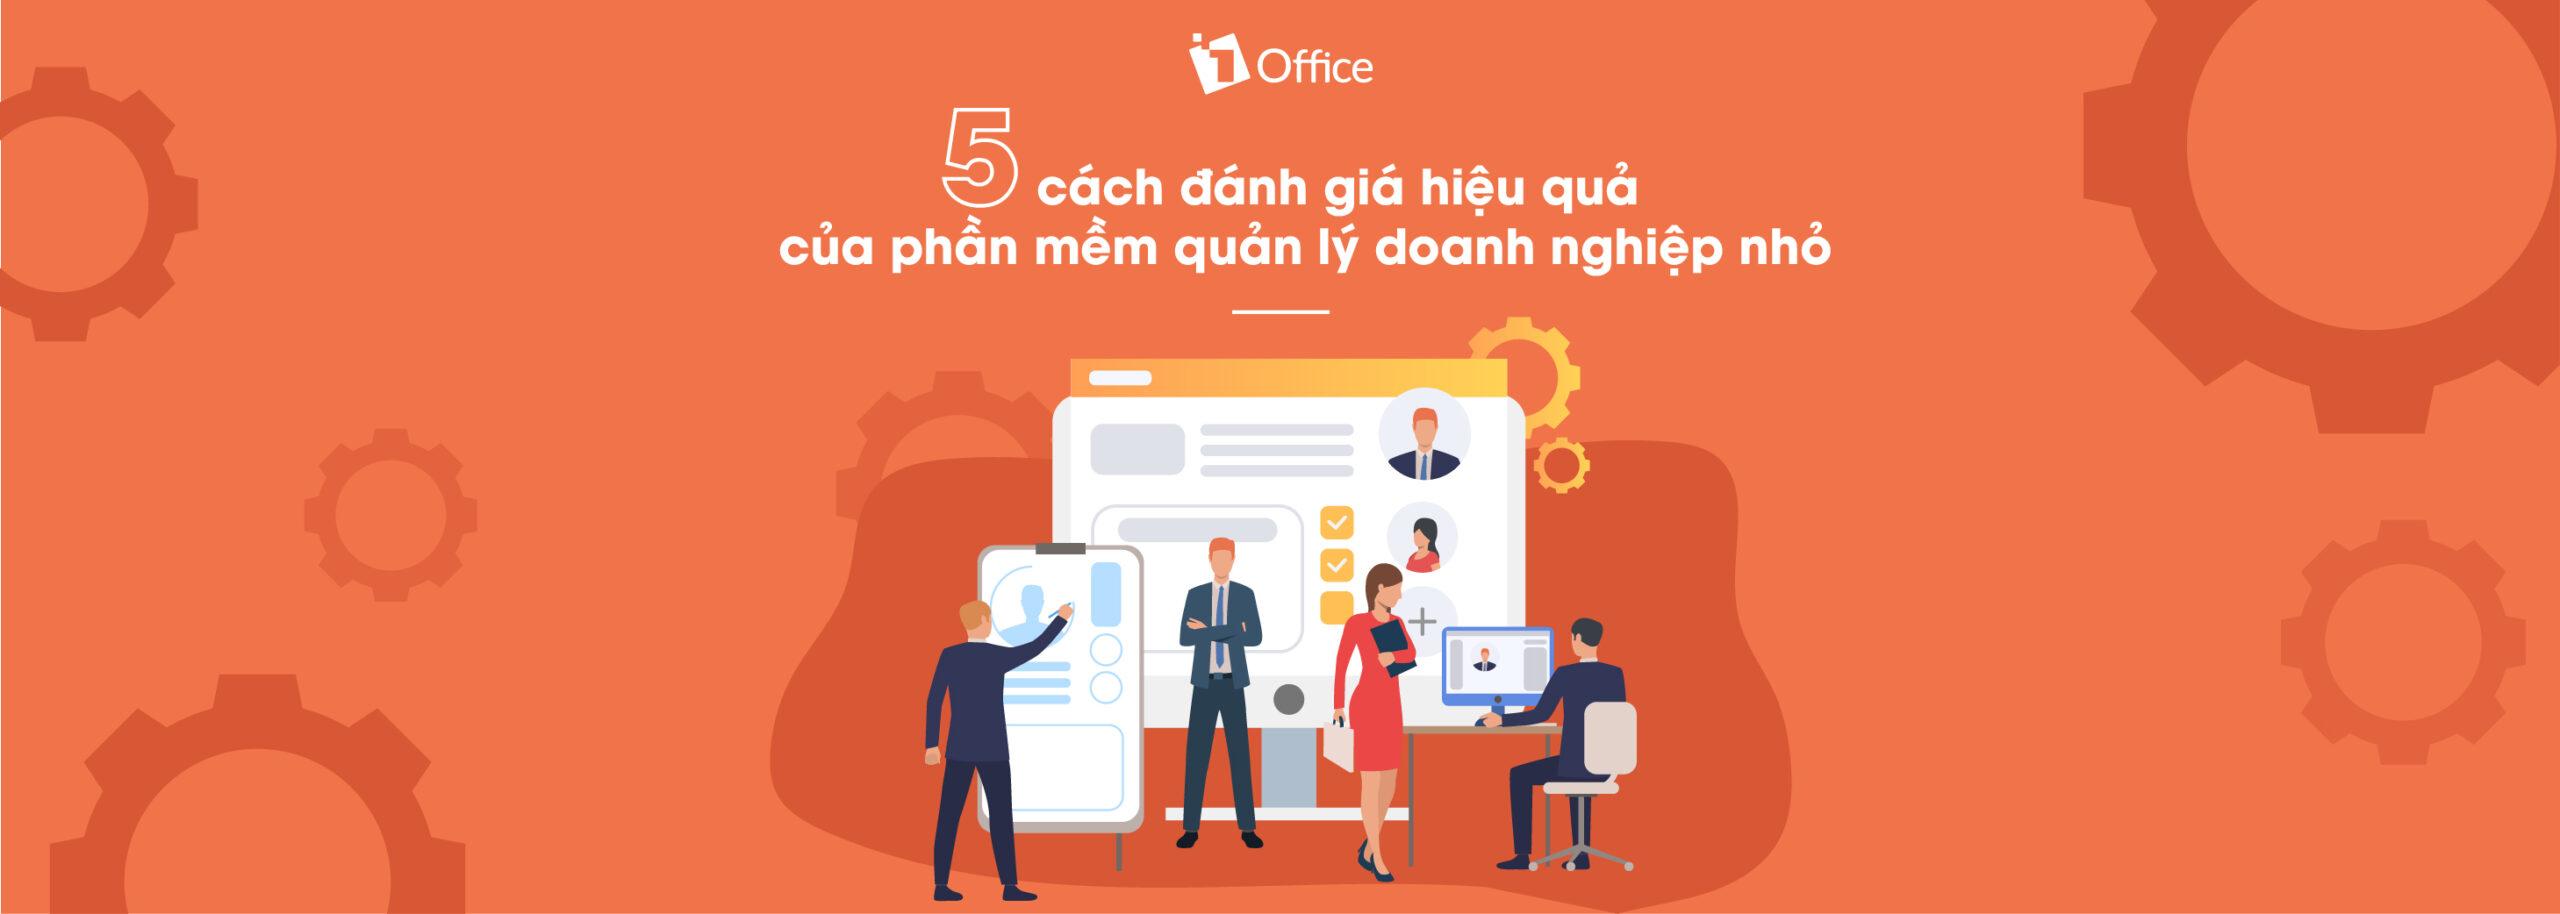 5 tiêu chí đánh giá hiệu quả của phần mềm quản lý doanh nghiệp nhỏ